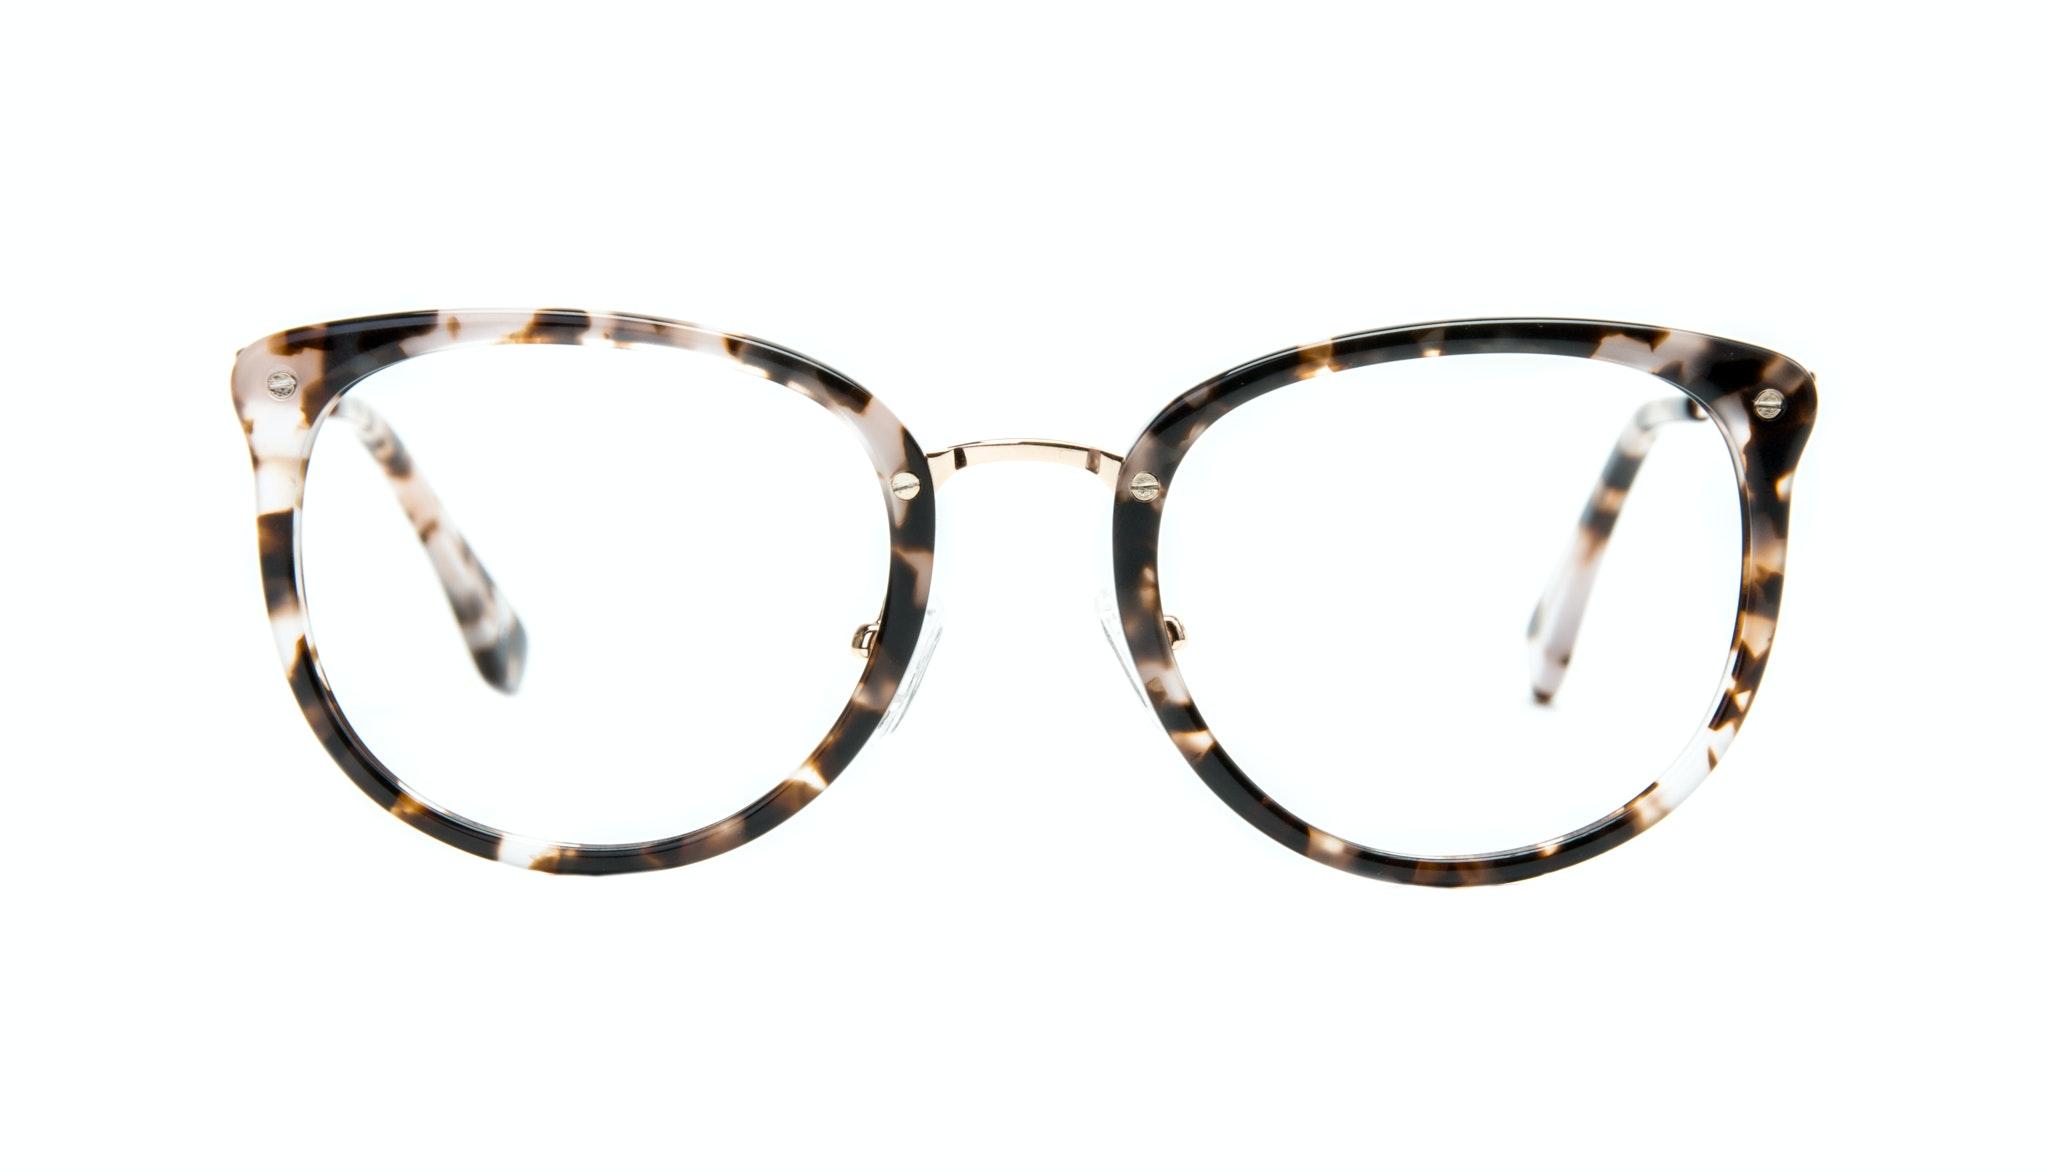 Affordable Fashion Glasses Square Round Eyeglasses Women Amaze Mocha Tortoise Front